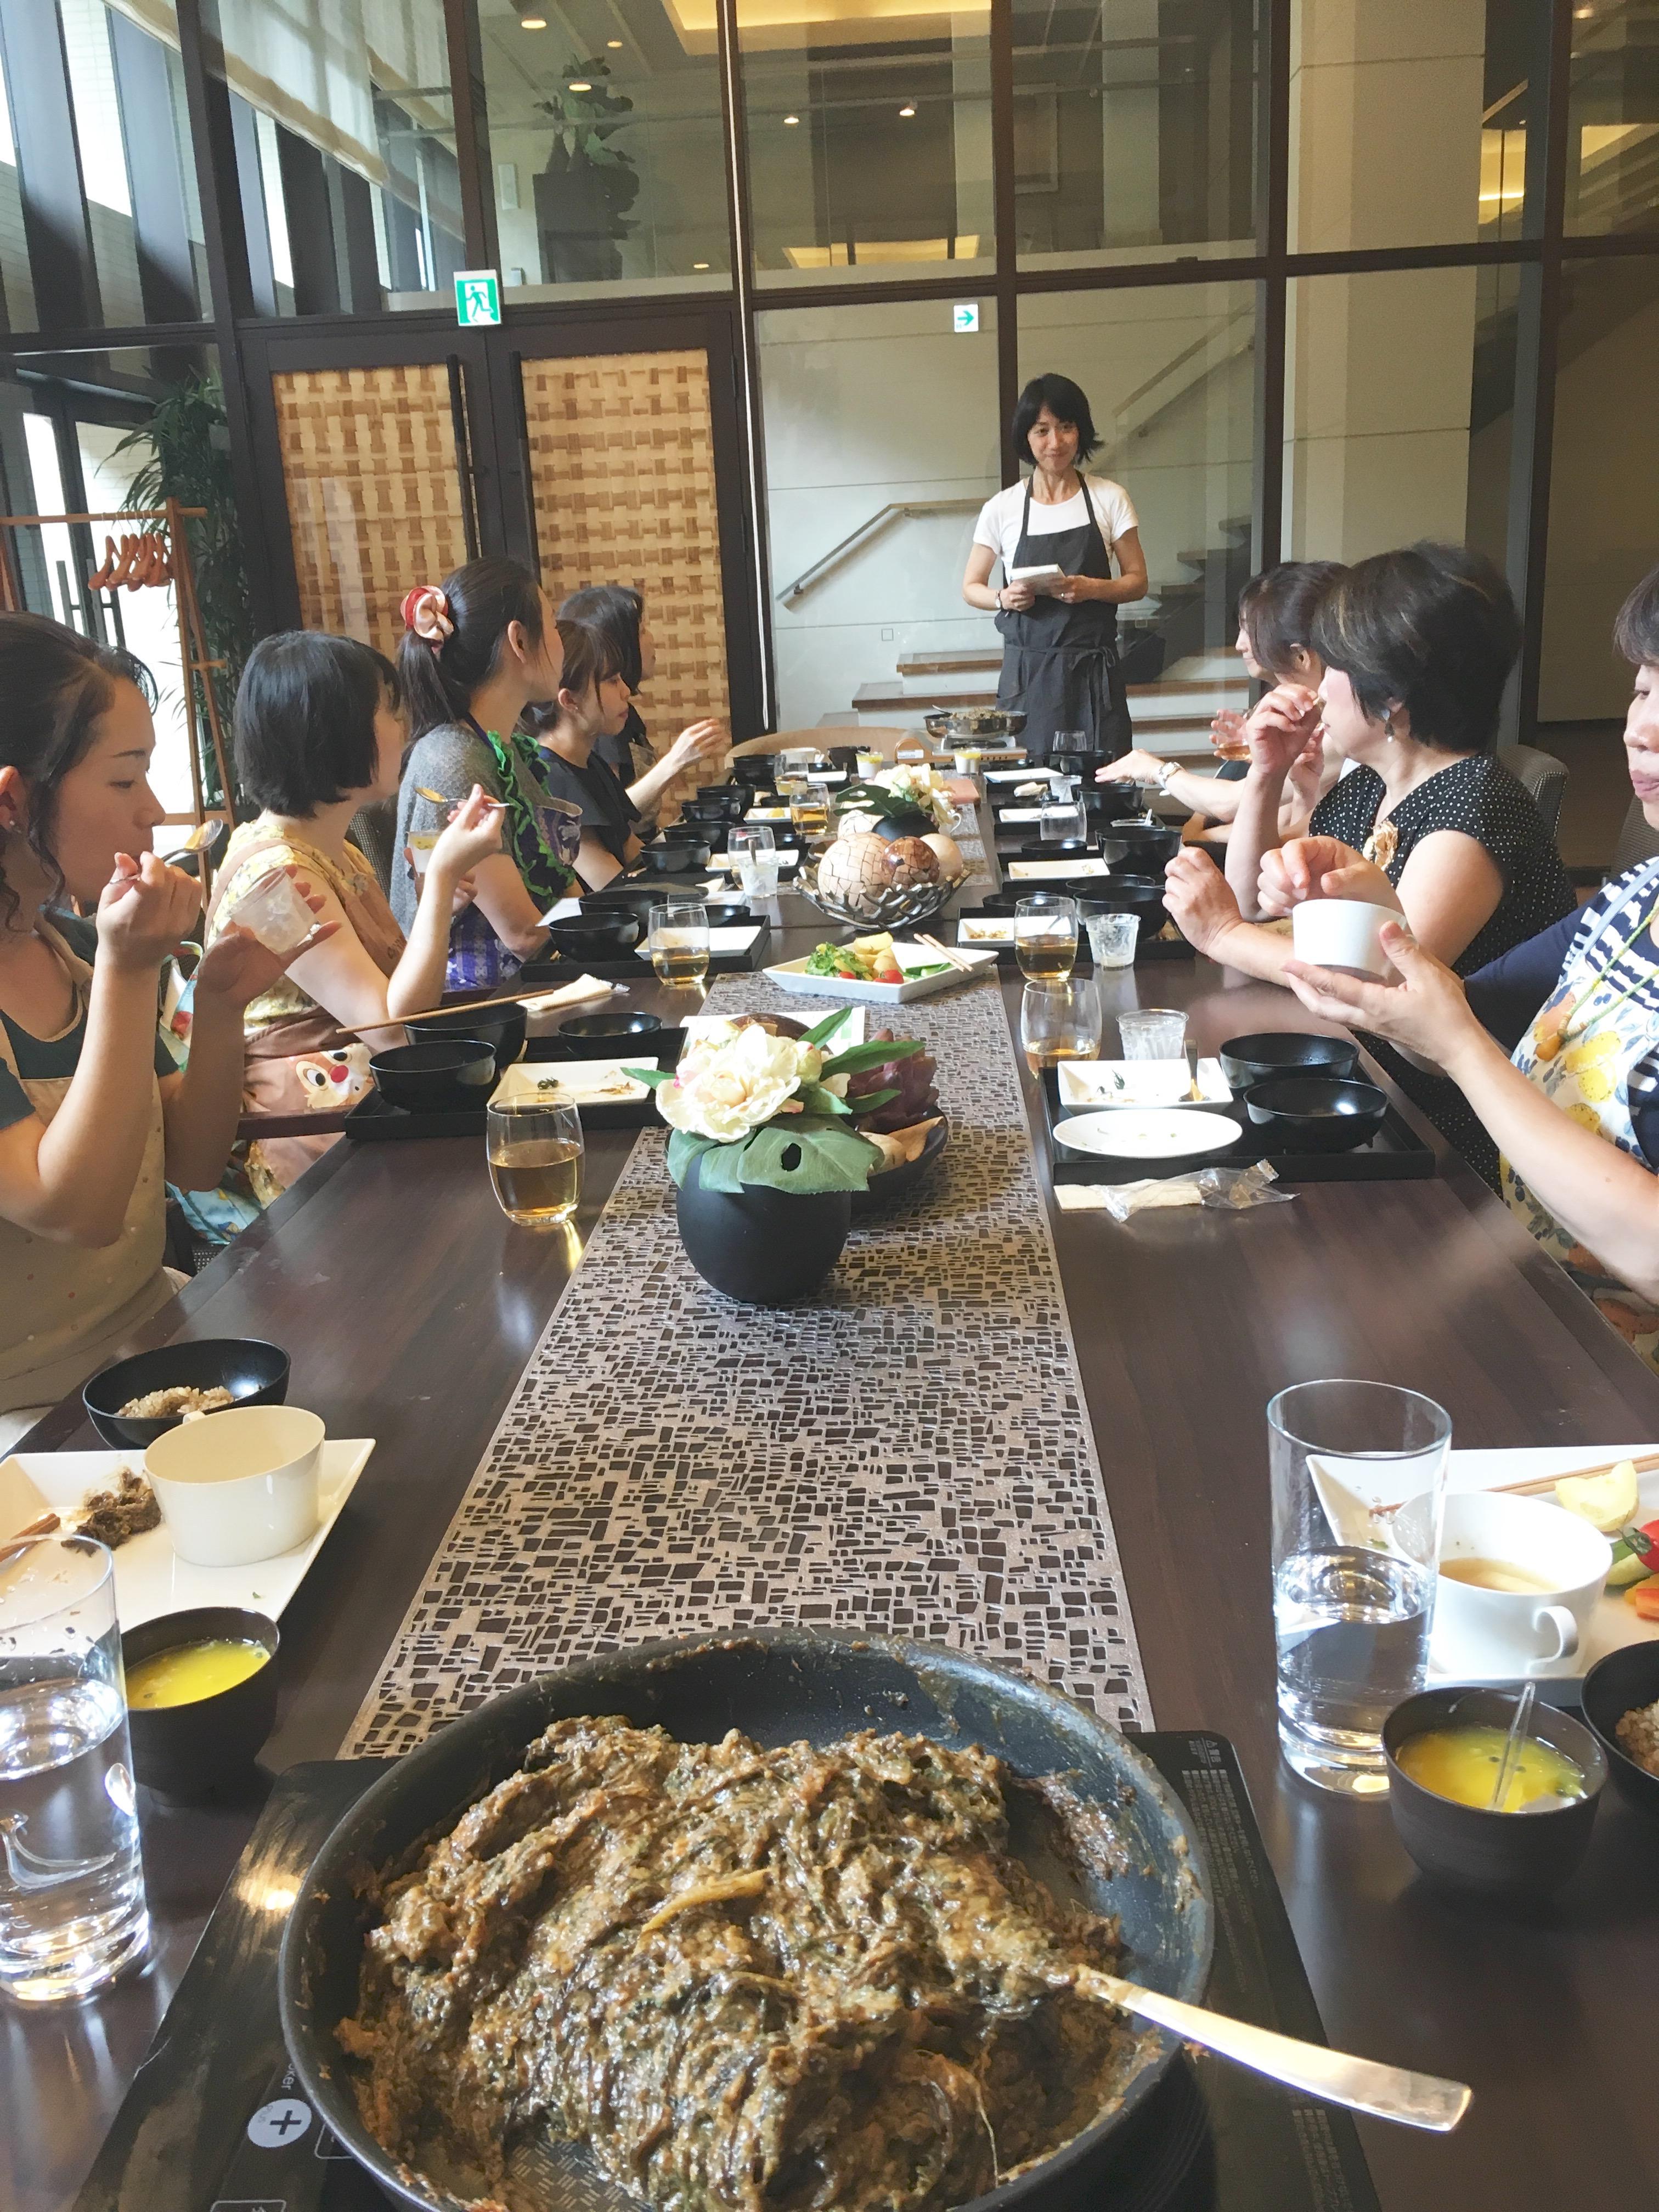 (伝統野菜研究会)-開催報告-ゴーヤーの美味しい食べ方&あぶら味噌づくり